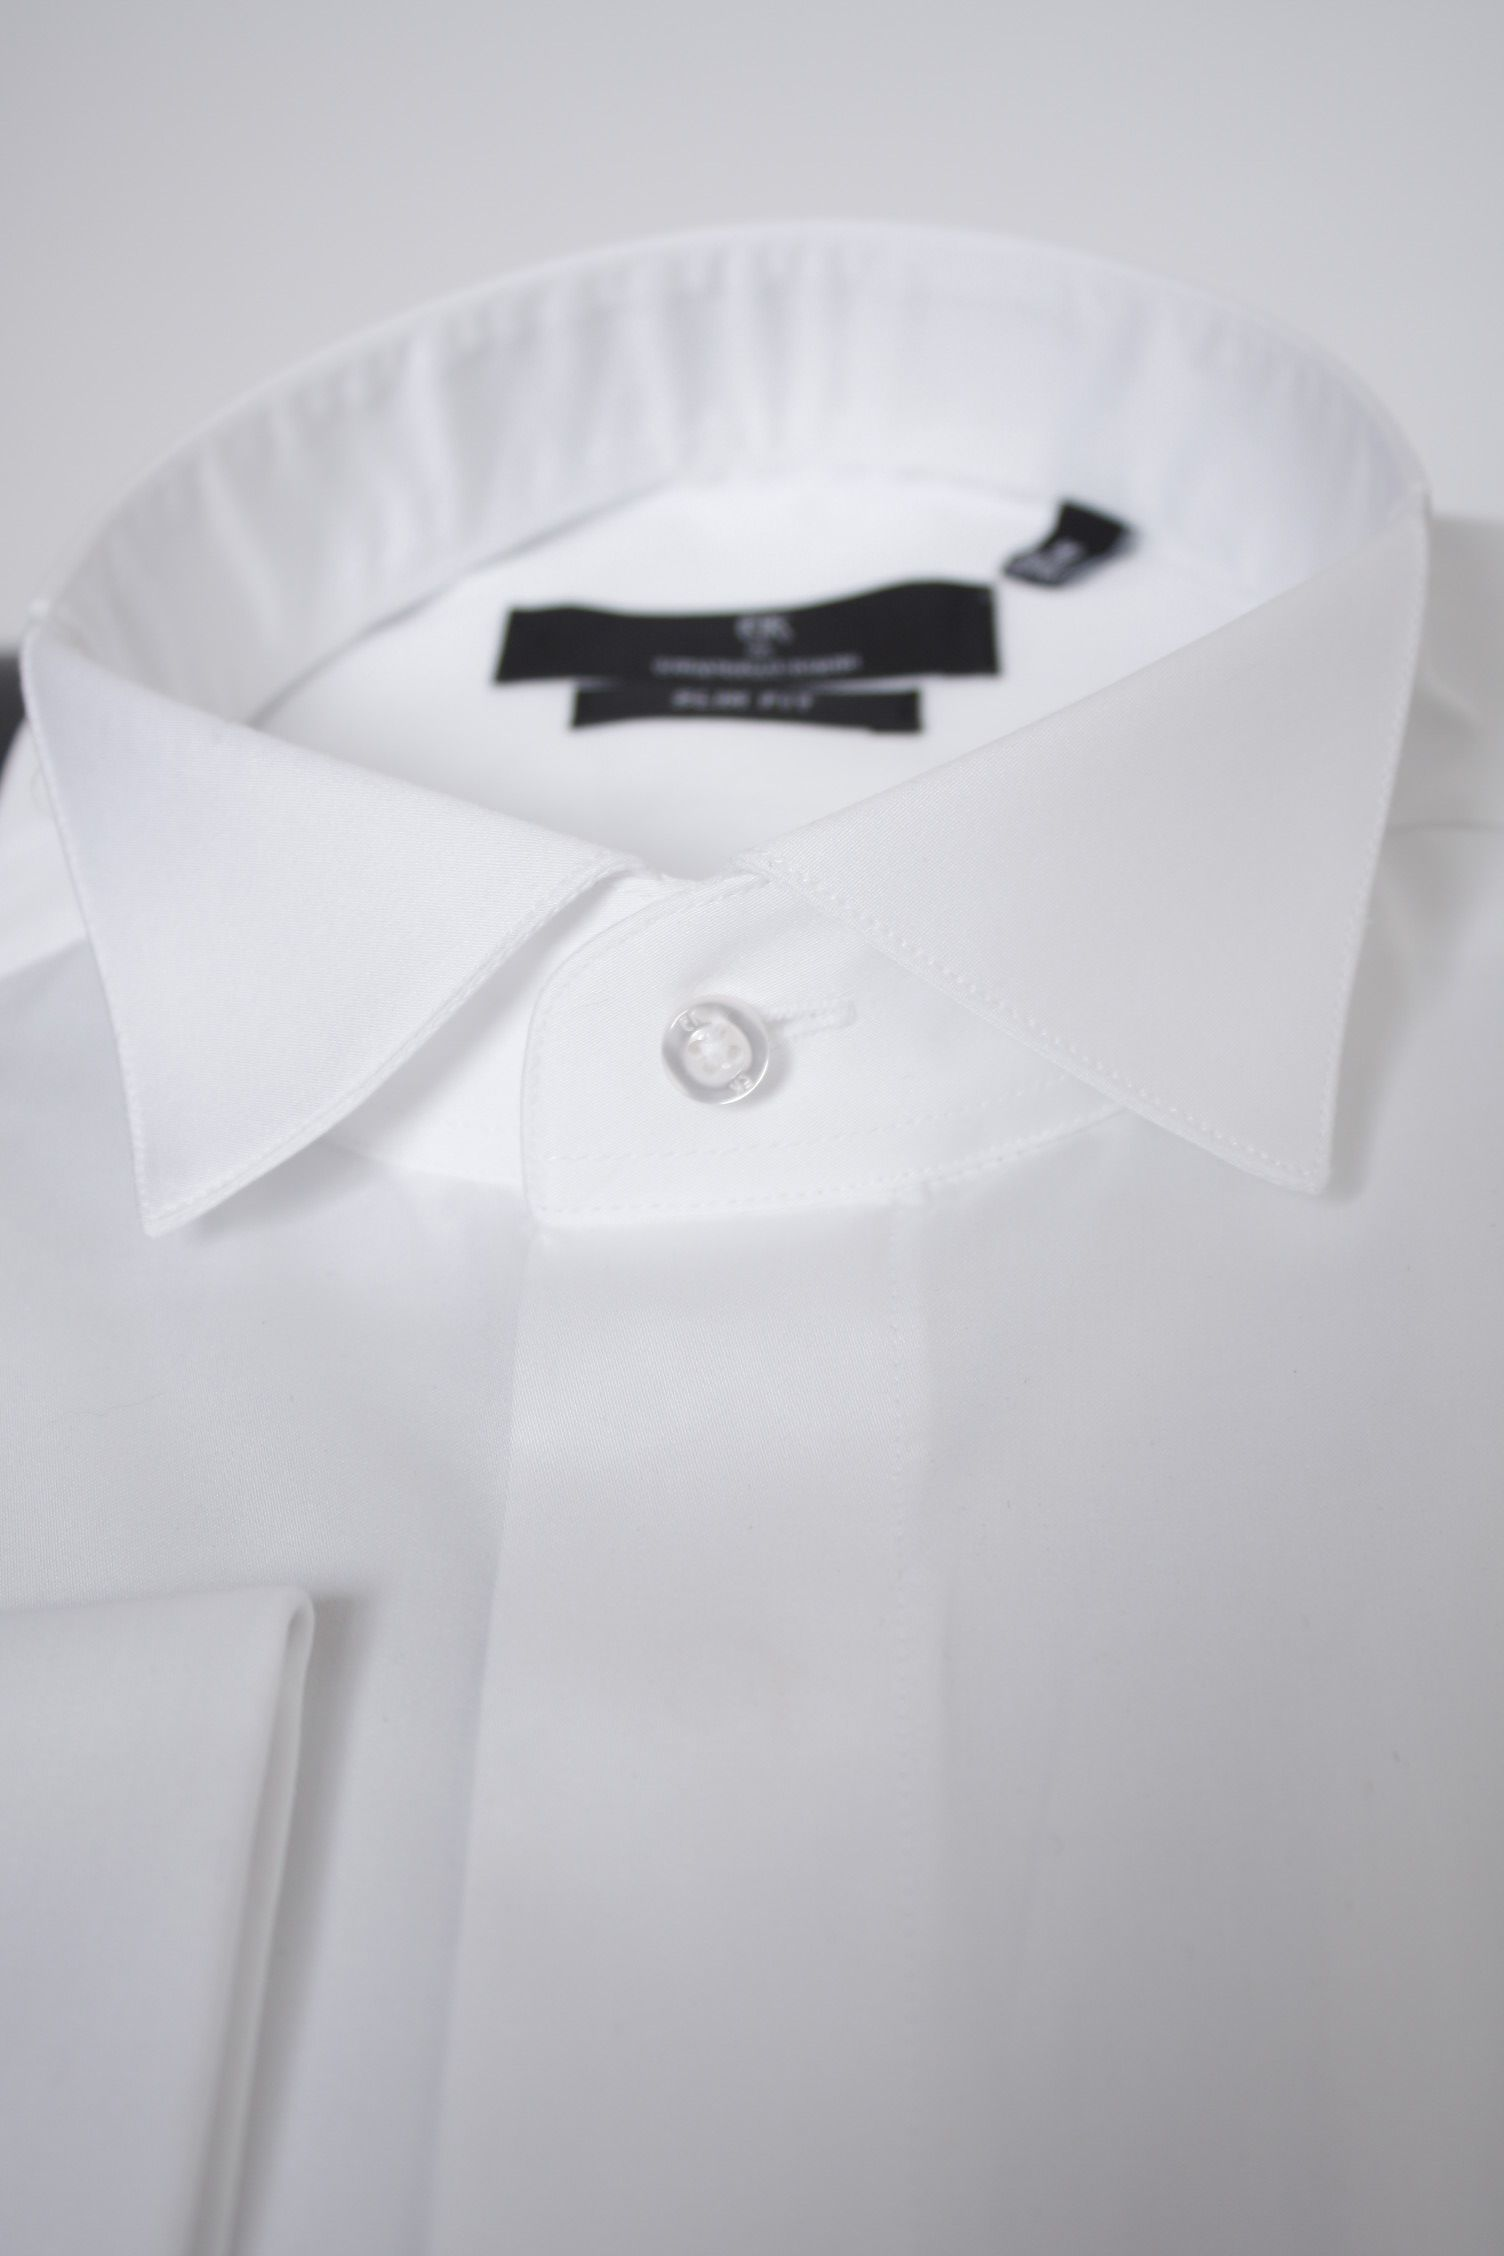 Achetez votre chemise col cassé en pur coton chez LNASTOCK - Elégance et  qualité assurée pour les cérémonies, mariages ou soirées 7946618a7b79